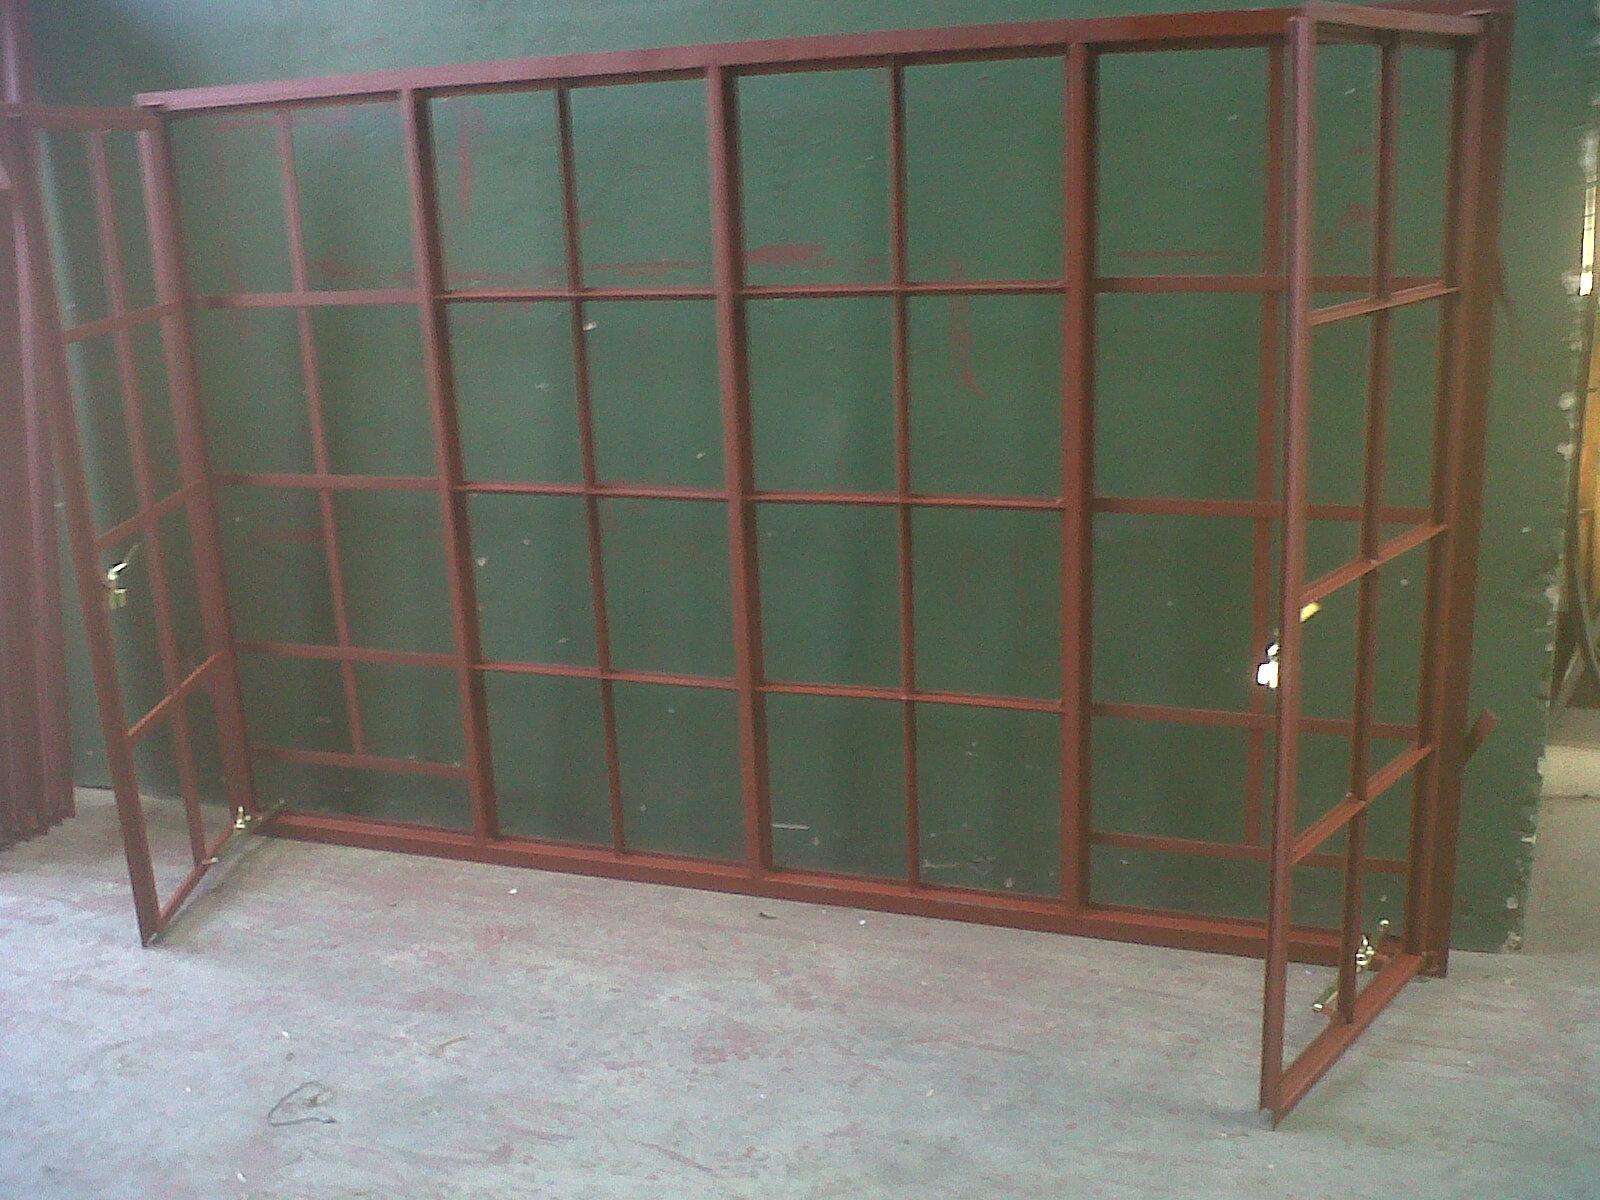 1200 #664B3E D22 Cottage Pane C/w B1 Burglar Bars image Residential Steel Doors And Frames 47631600